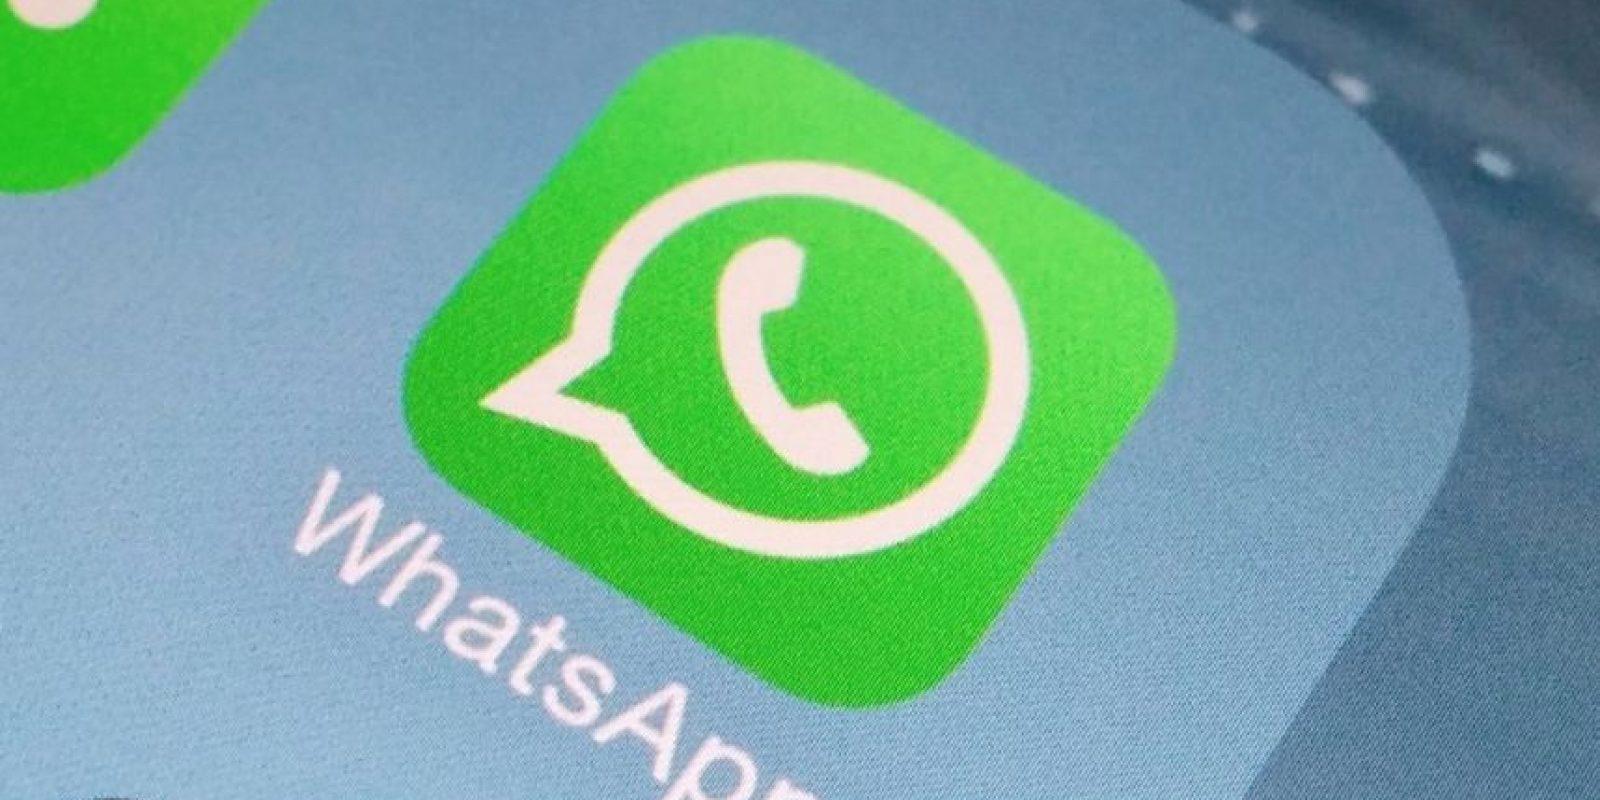 Exigen que WhatsApp elimine a emoji de su servicio. Foto:vía Tumblr.com